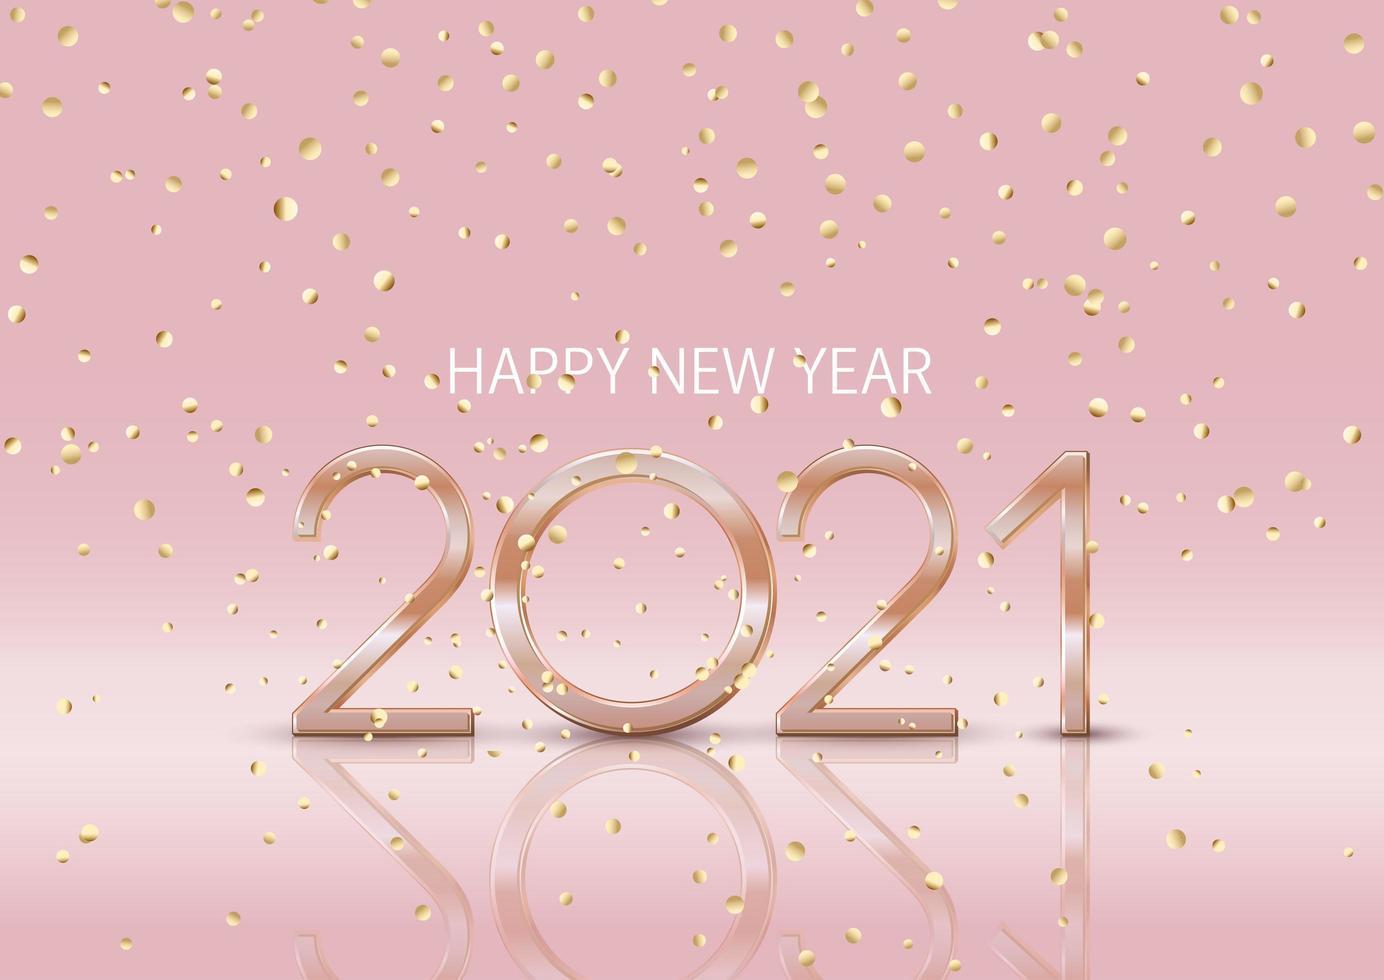 feliz año nuevo fondo con confeti dorado vector